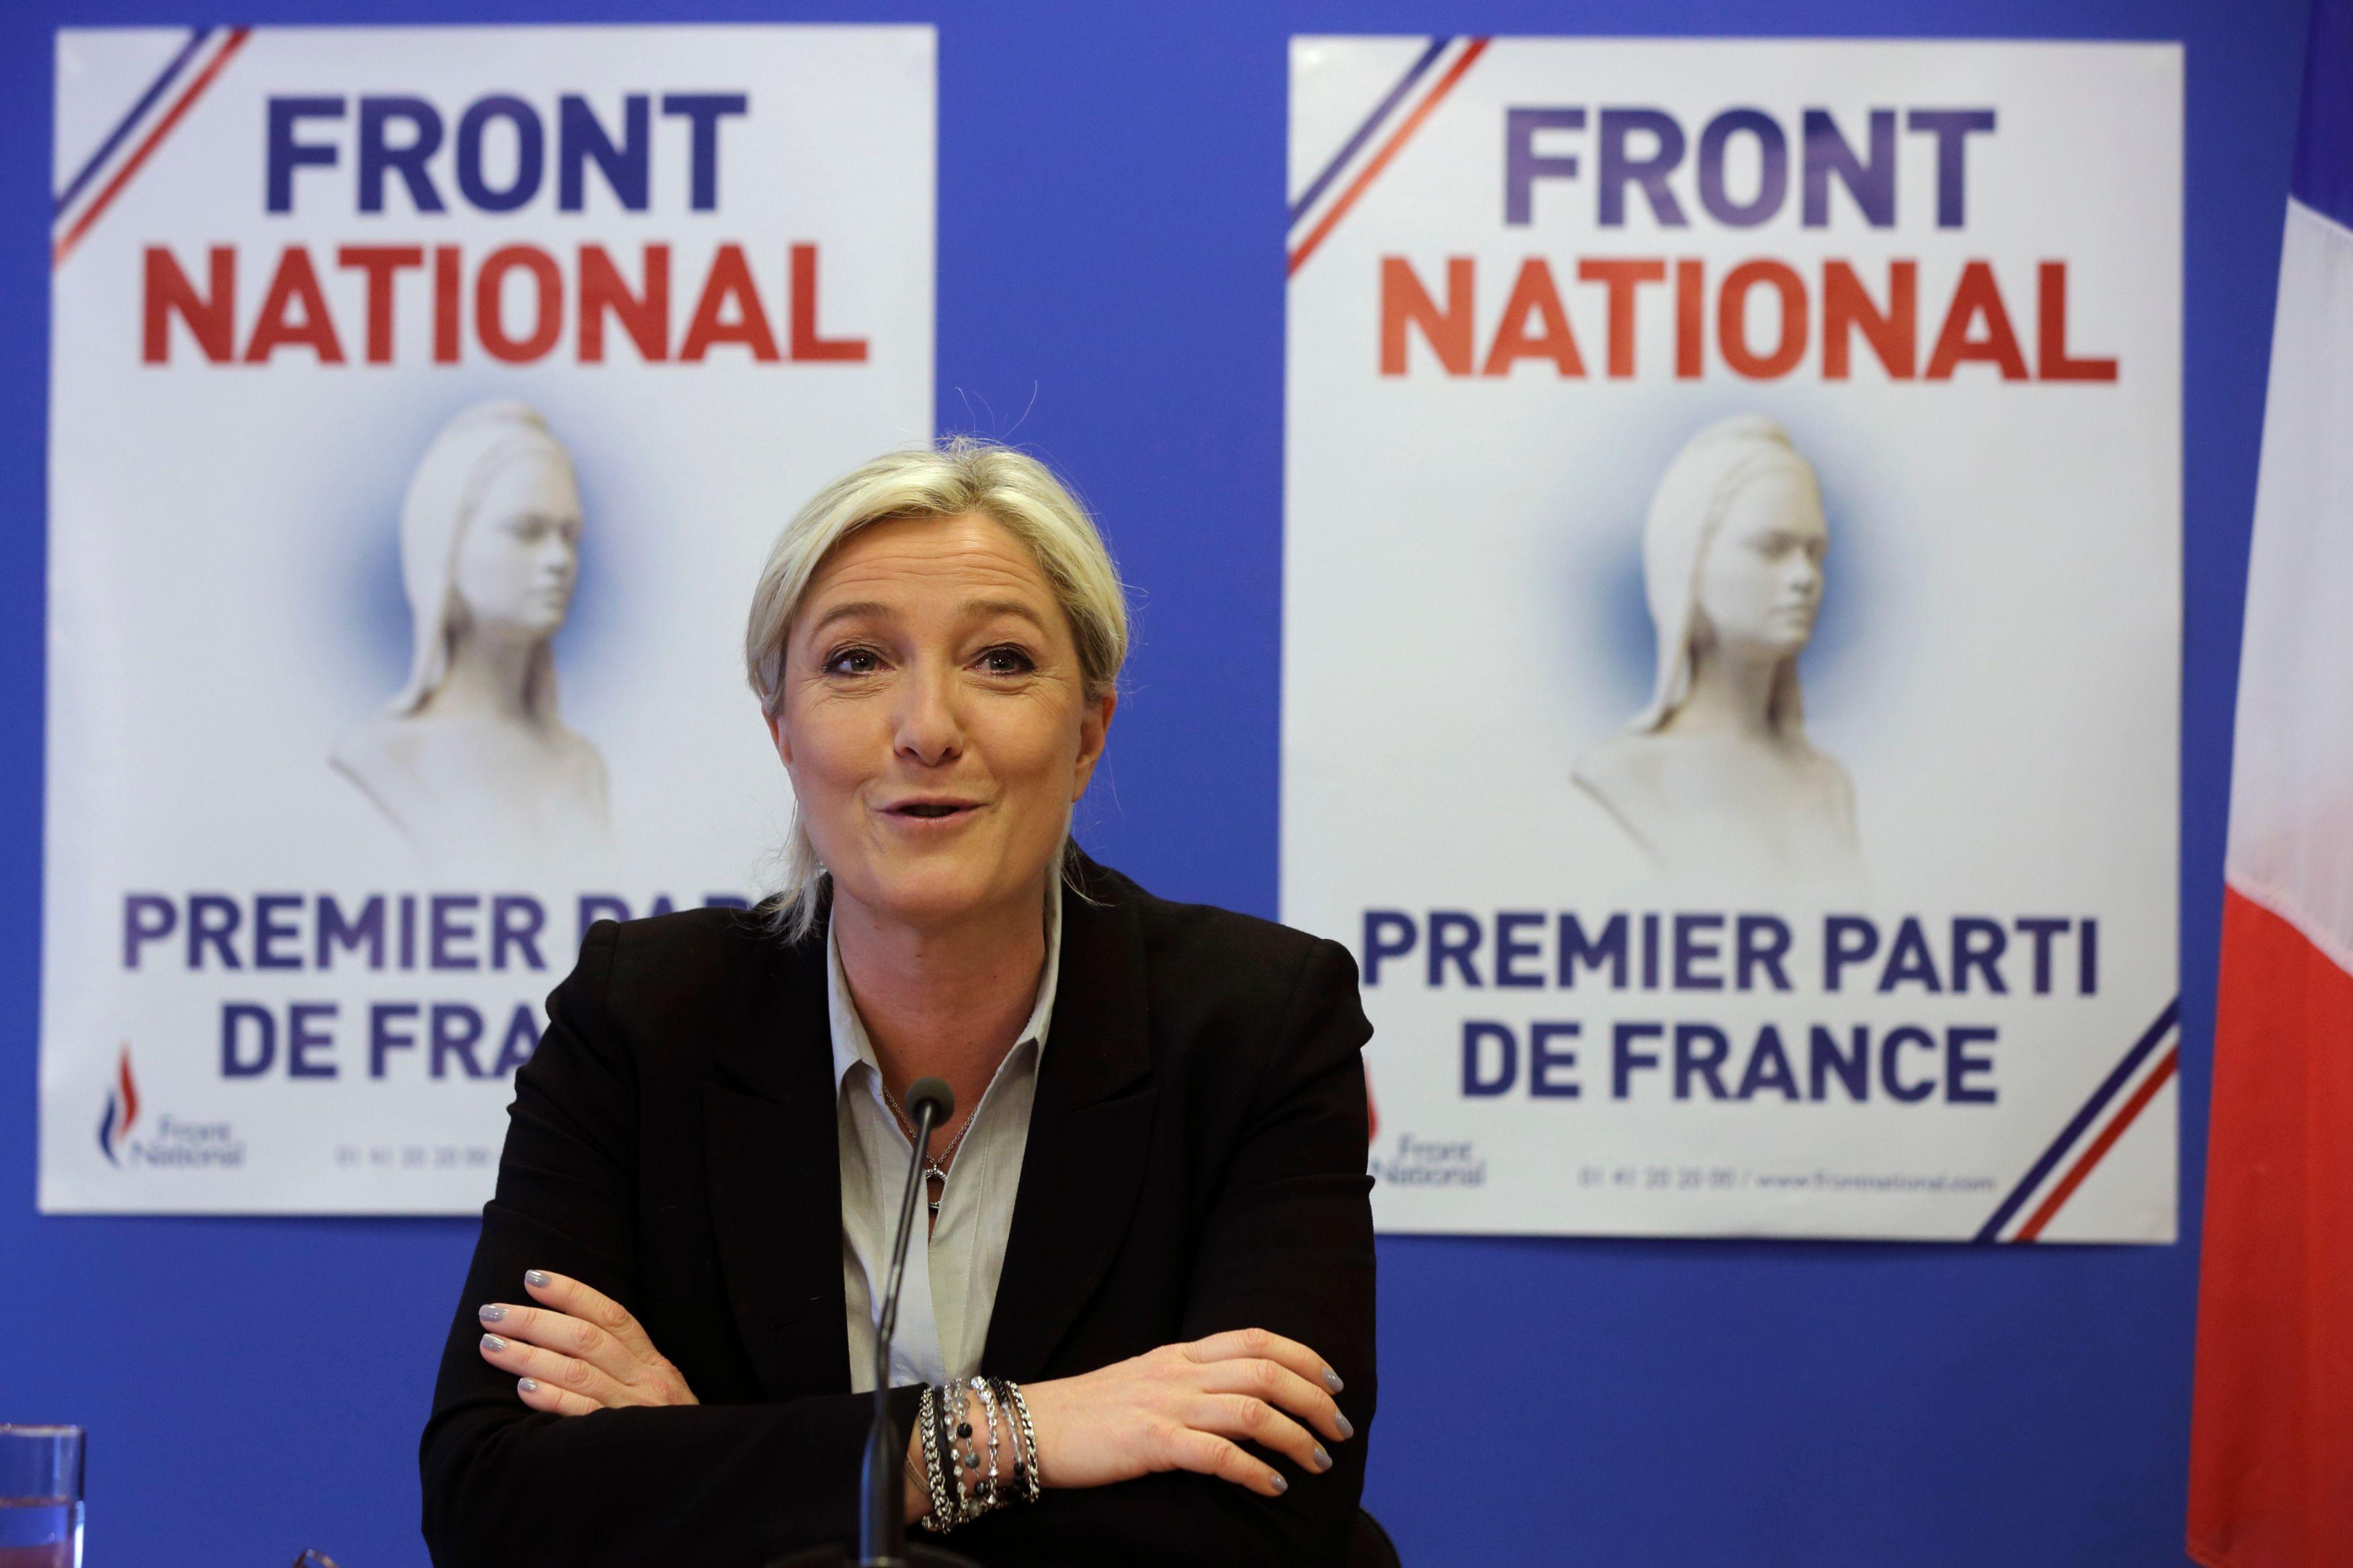 Le dernier sondage en date donne Marine Le Pen en tête d'un premier tour des présidentielles.